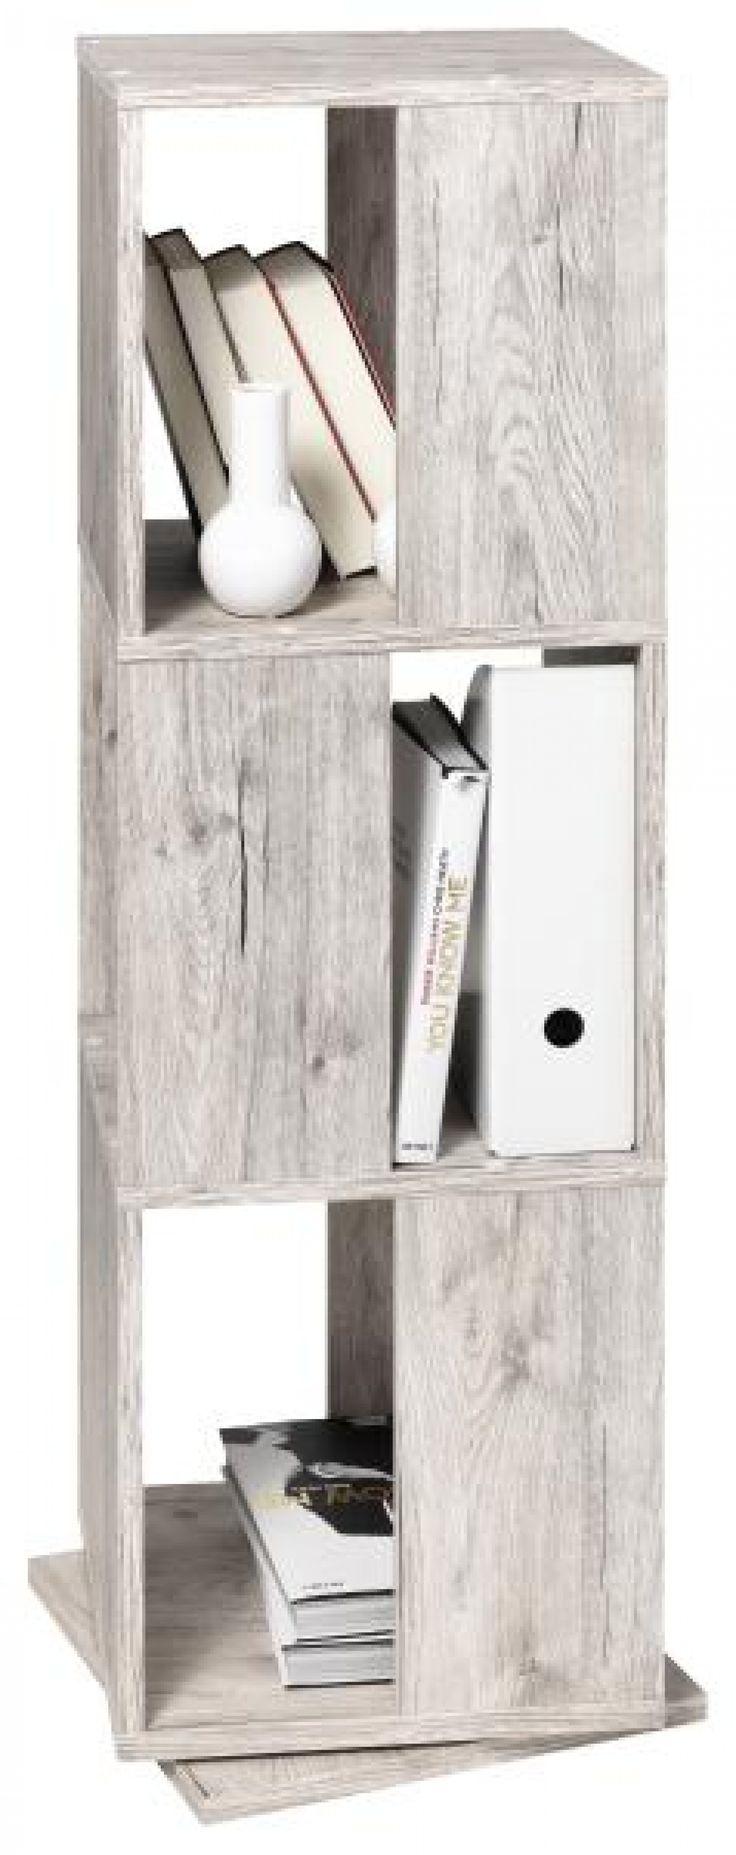 Drehregal Tower Sandeiche-Nachbildung ▶ online bei POCO kaufen